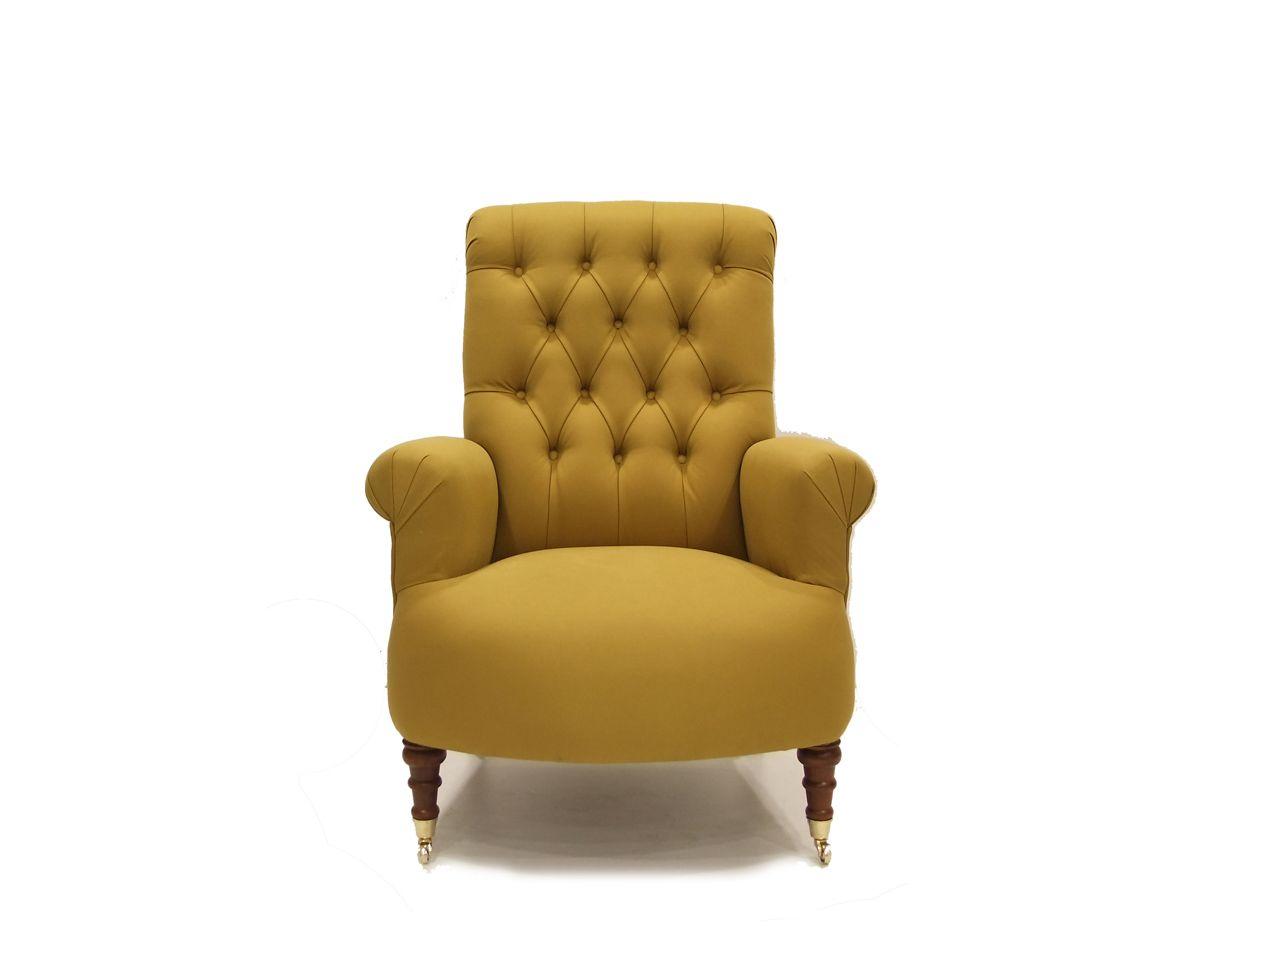 oturma odasi petra berjer hardal tekli koltuk mobilya fikirleri ev dekoru